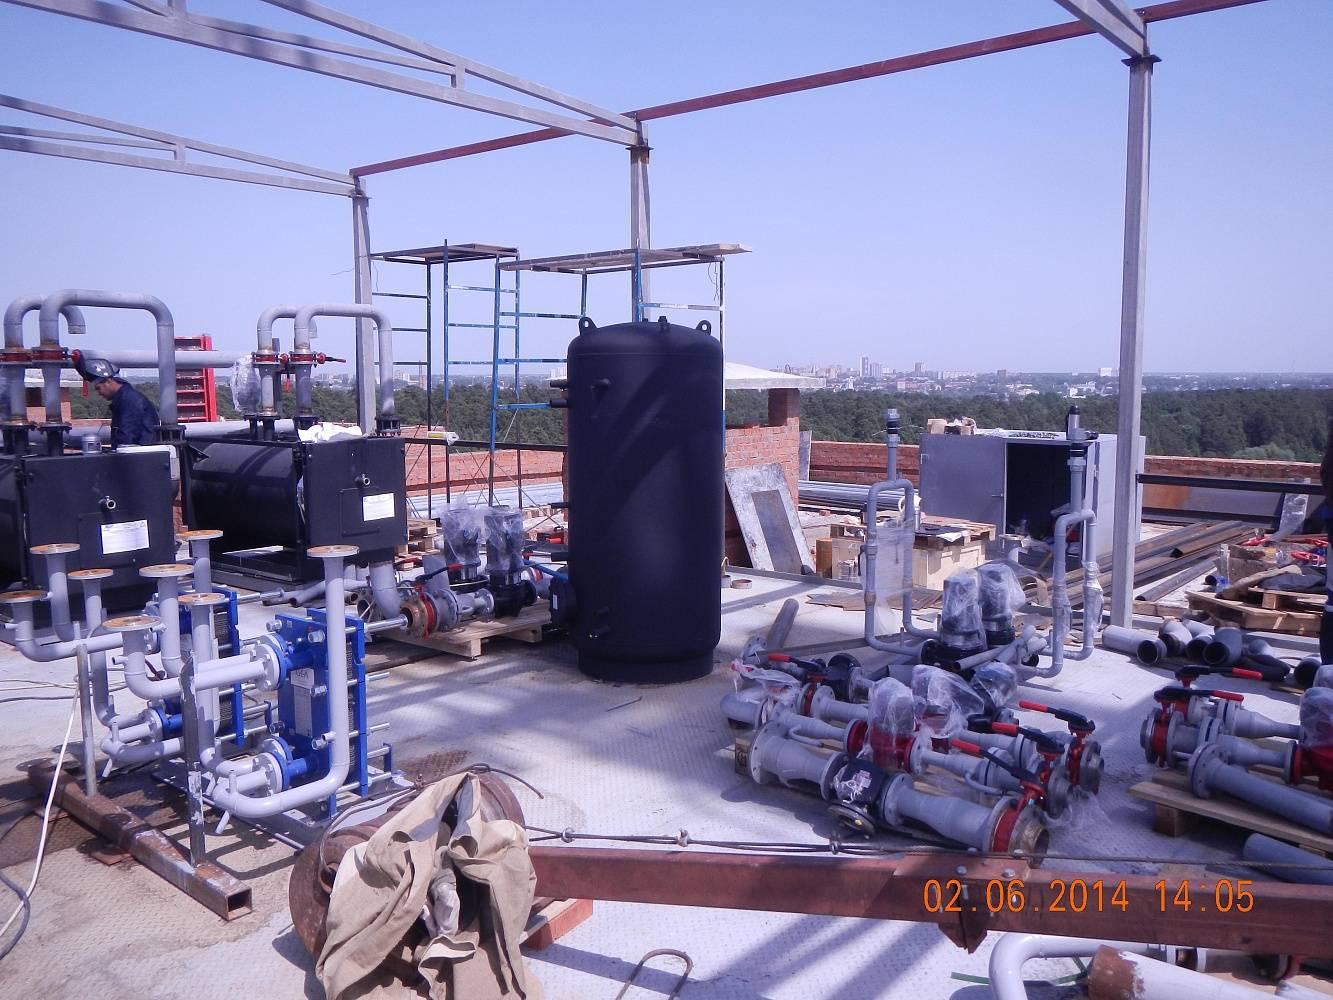 Газовая котельная для многоквартирного дома - преимущества, недостстатки, нормативы устройства